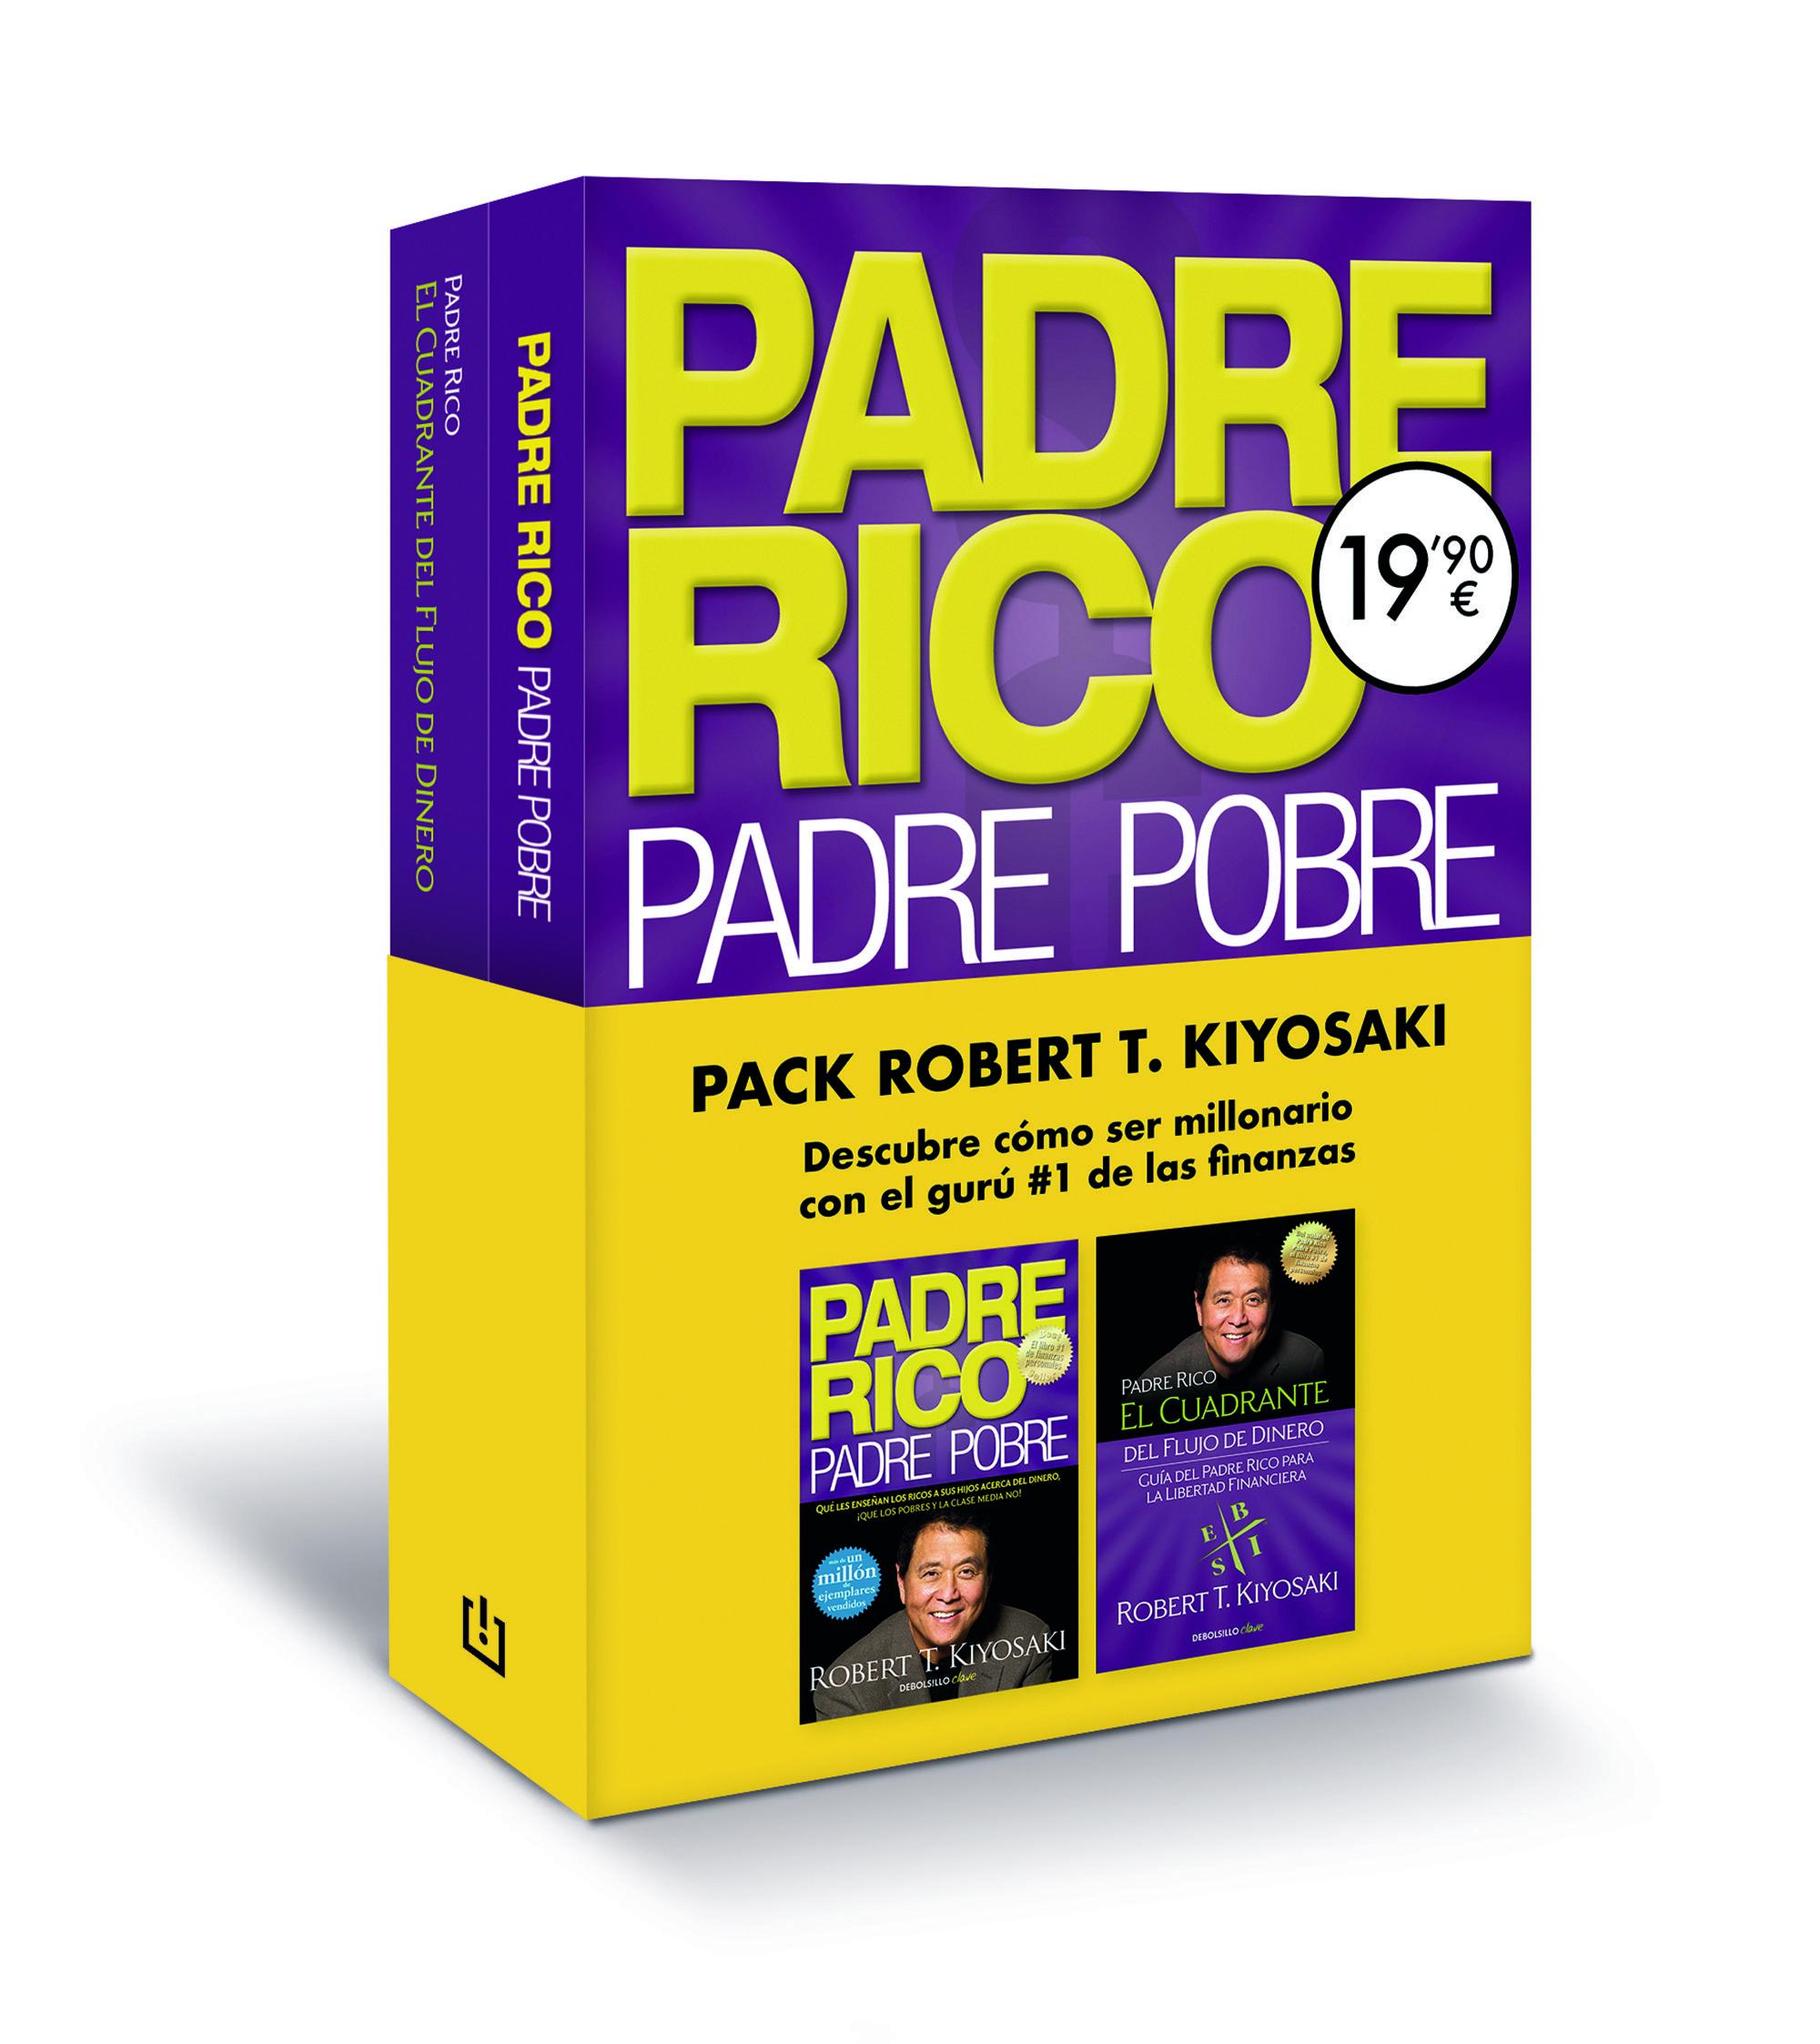 PADRE RICO PADRE POBRE Y EL CUADRANTE DEL FLUJO DE DINERO PACK